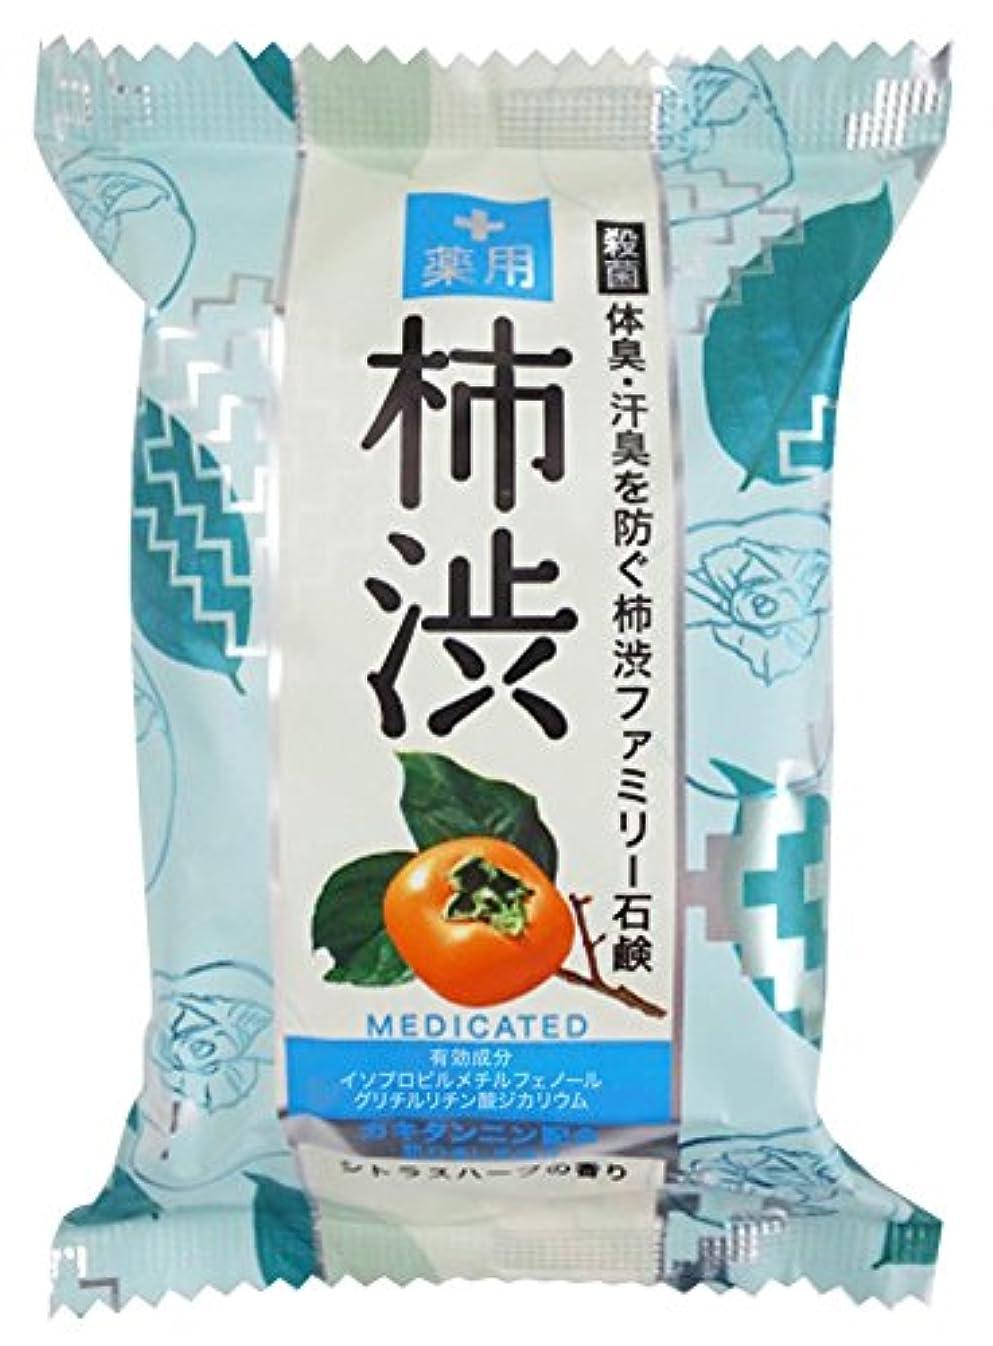 反射分析するミキサーペリカン石鹸 薬用ファミリー柿渋石鹸